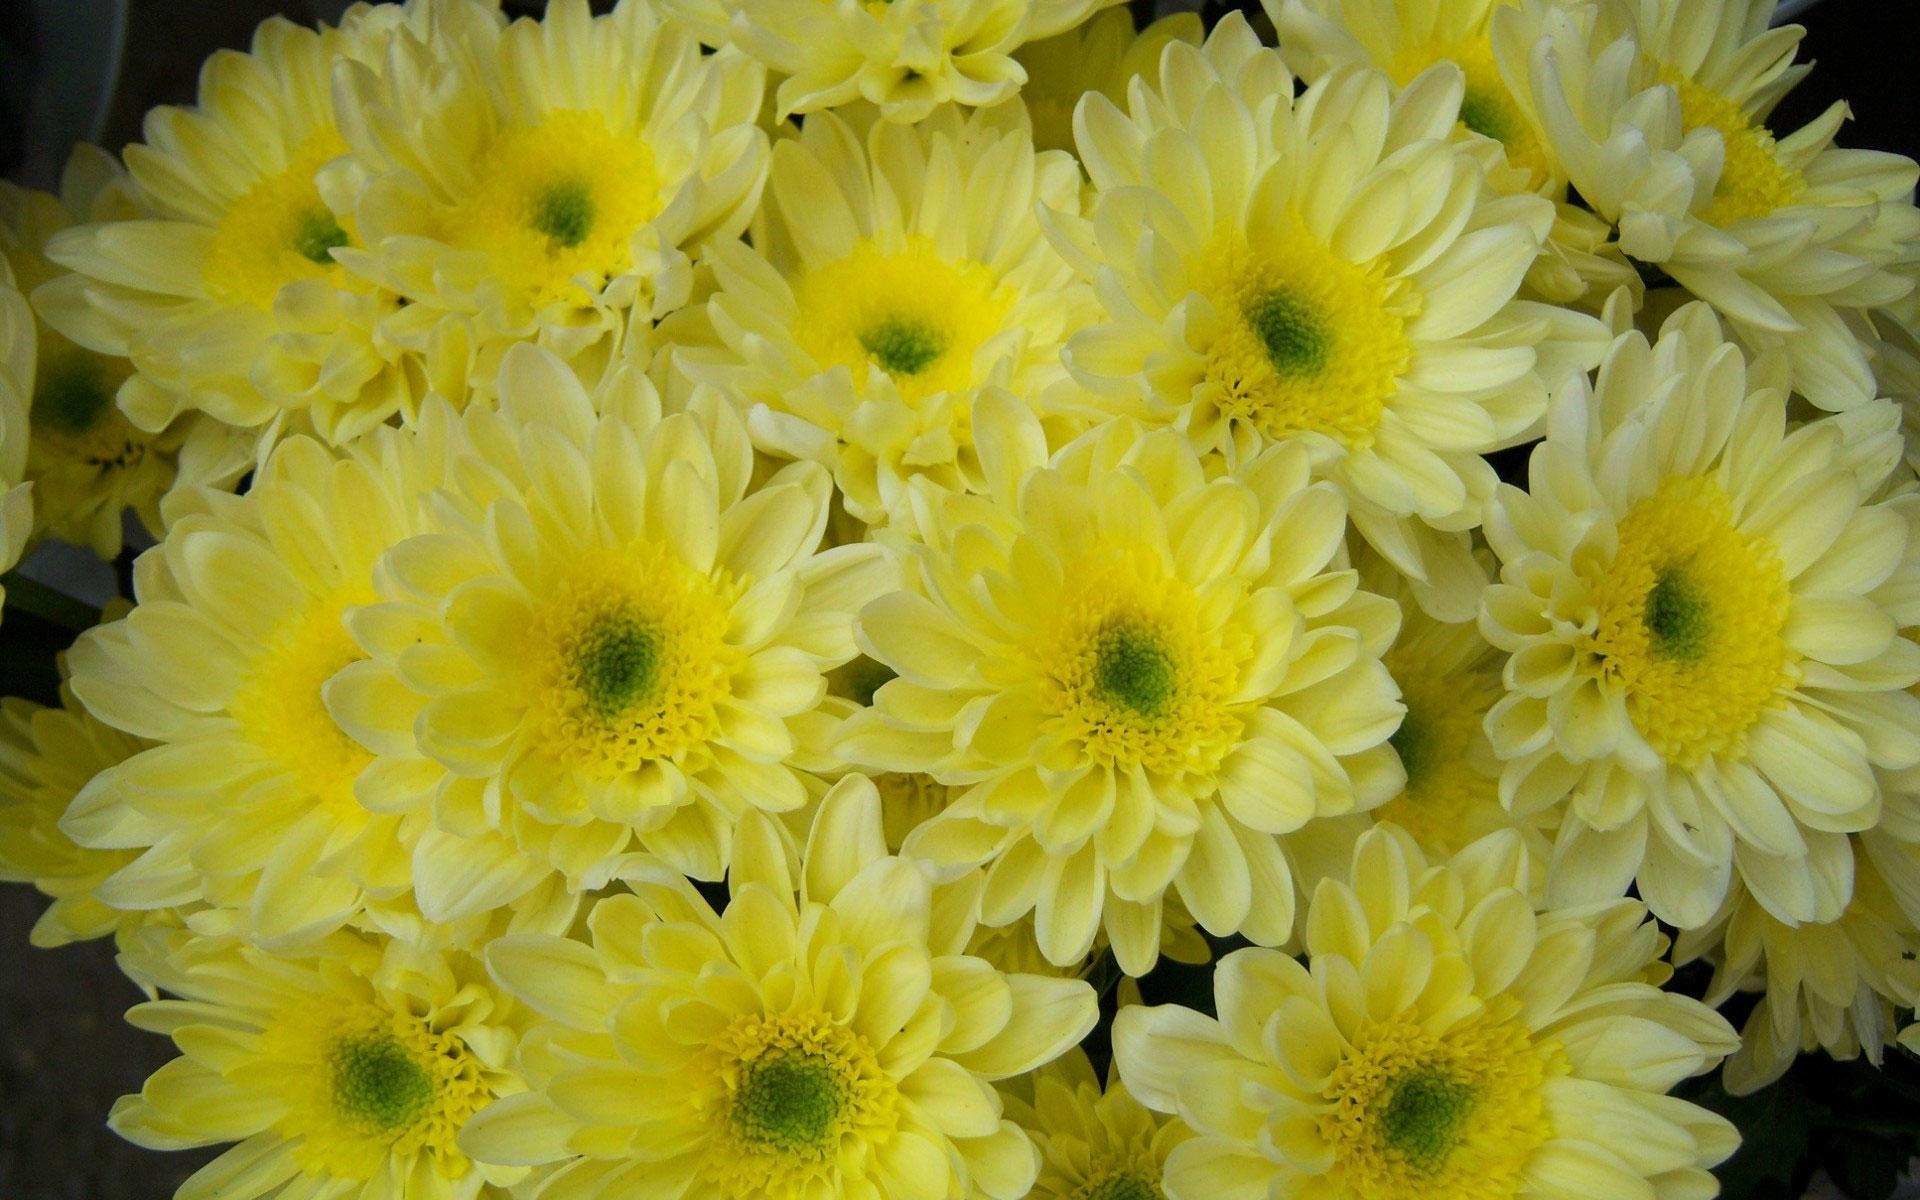 Wallpaper Nature Flower - Yellow Colour Flower Hd , HD Wallpaper & Backgrounds